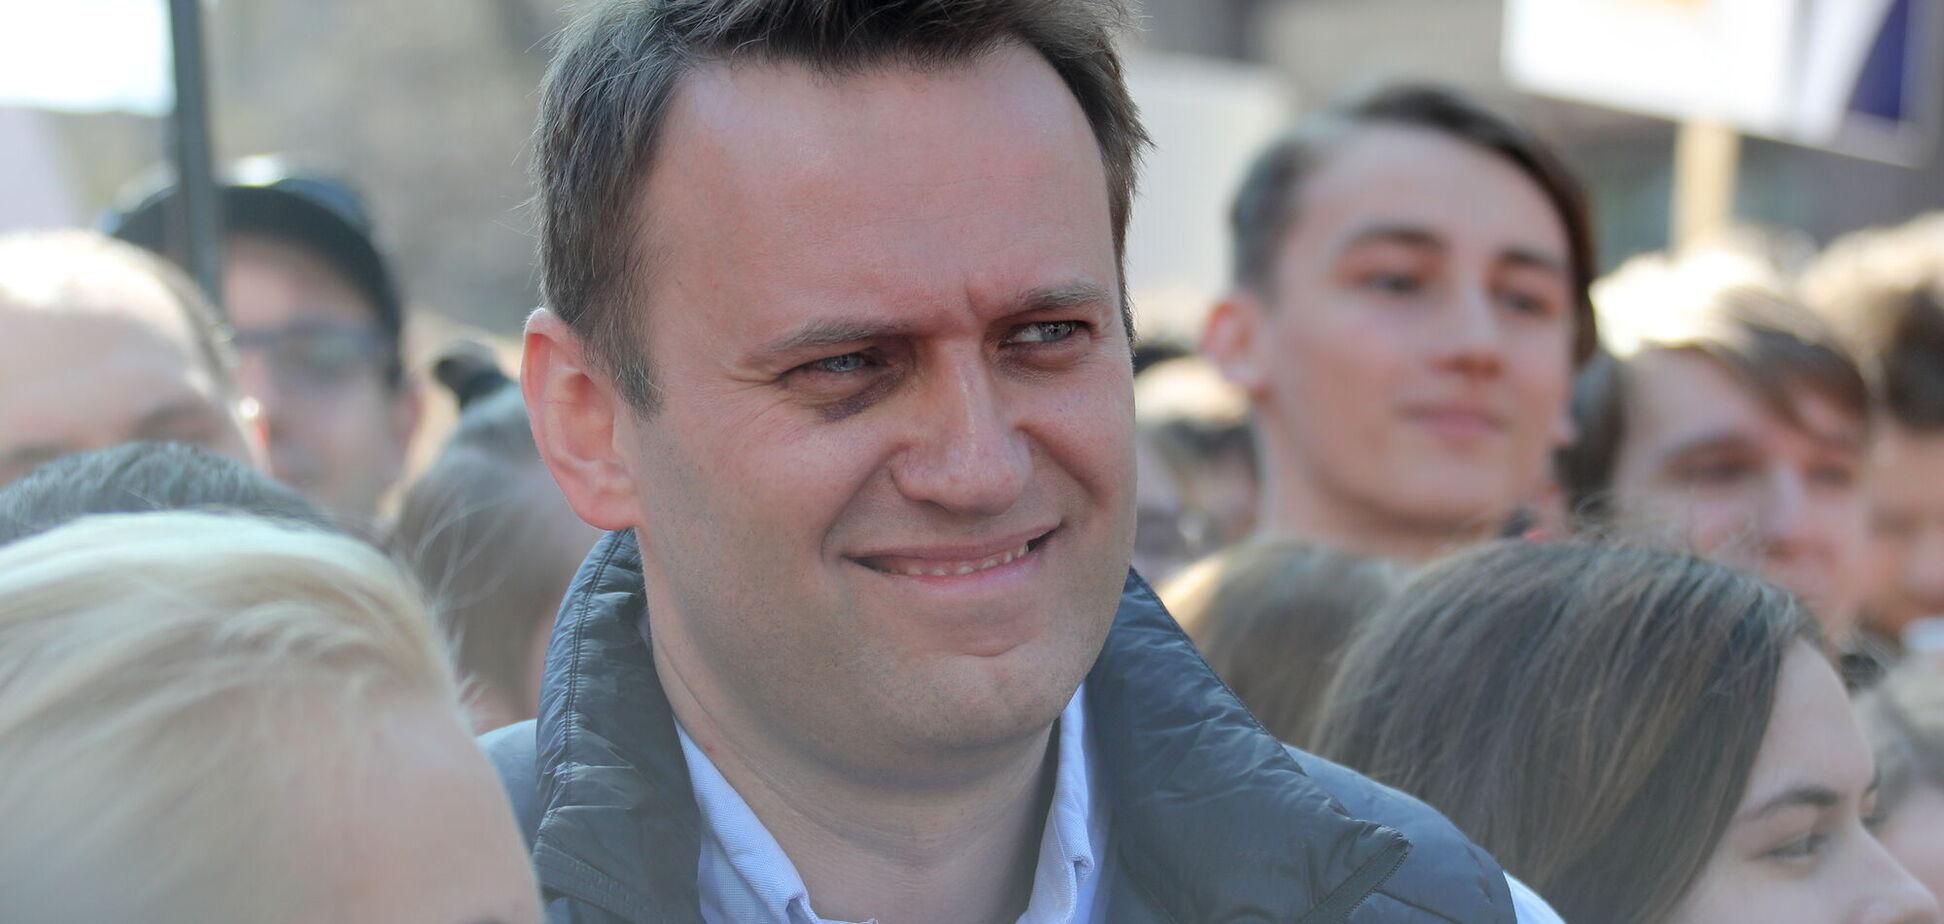 Діагноз Навального 'отруєння' в РФ не підтверджений